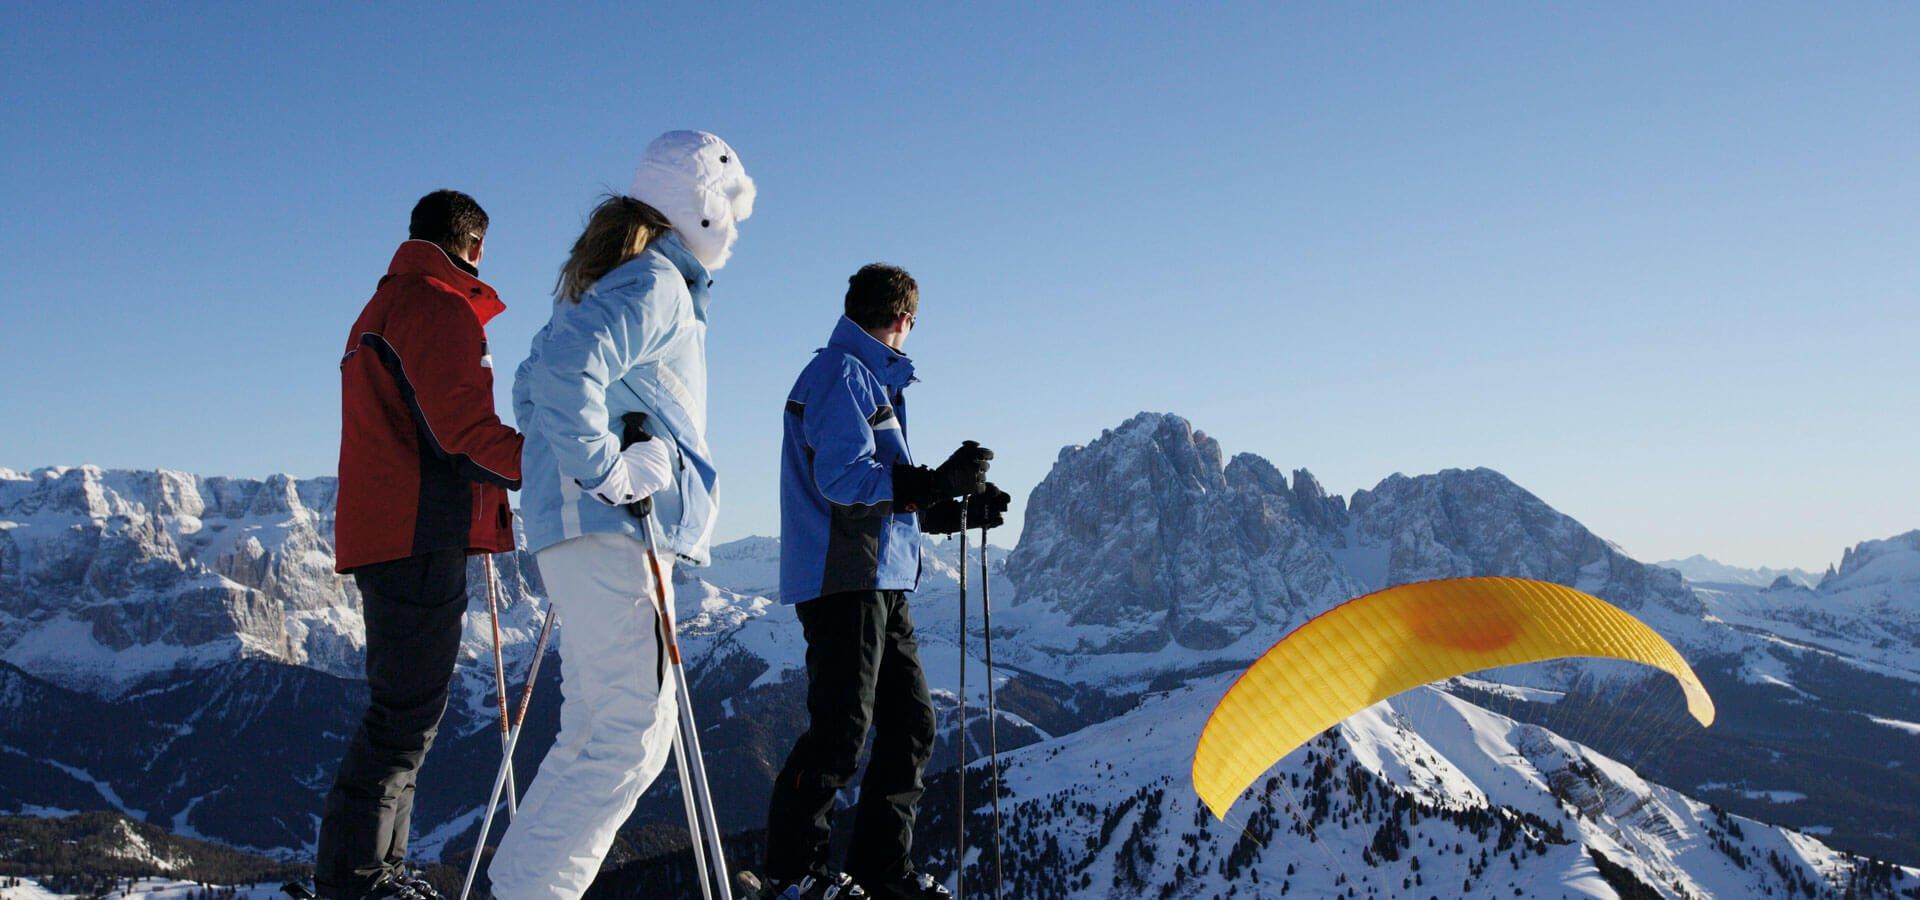 skiurlaub-voels-am-schlern